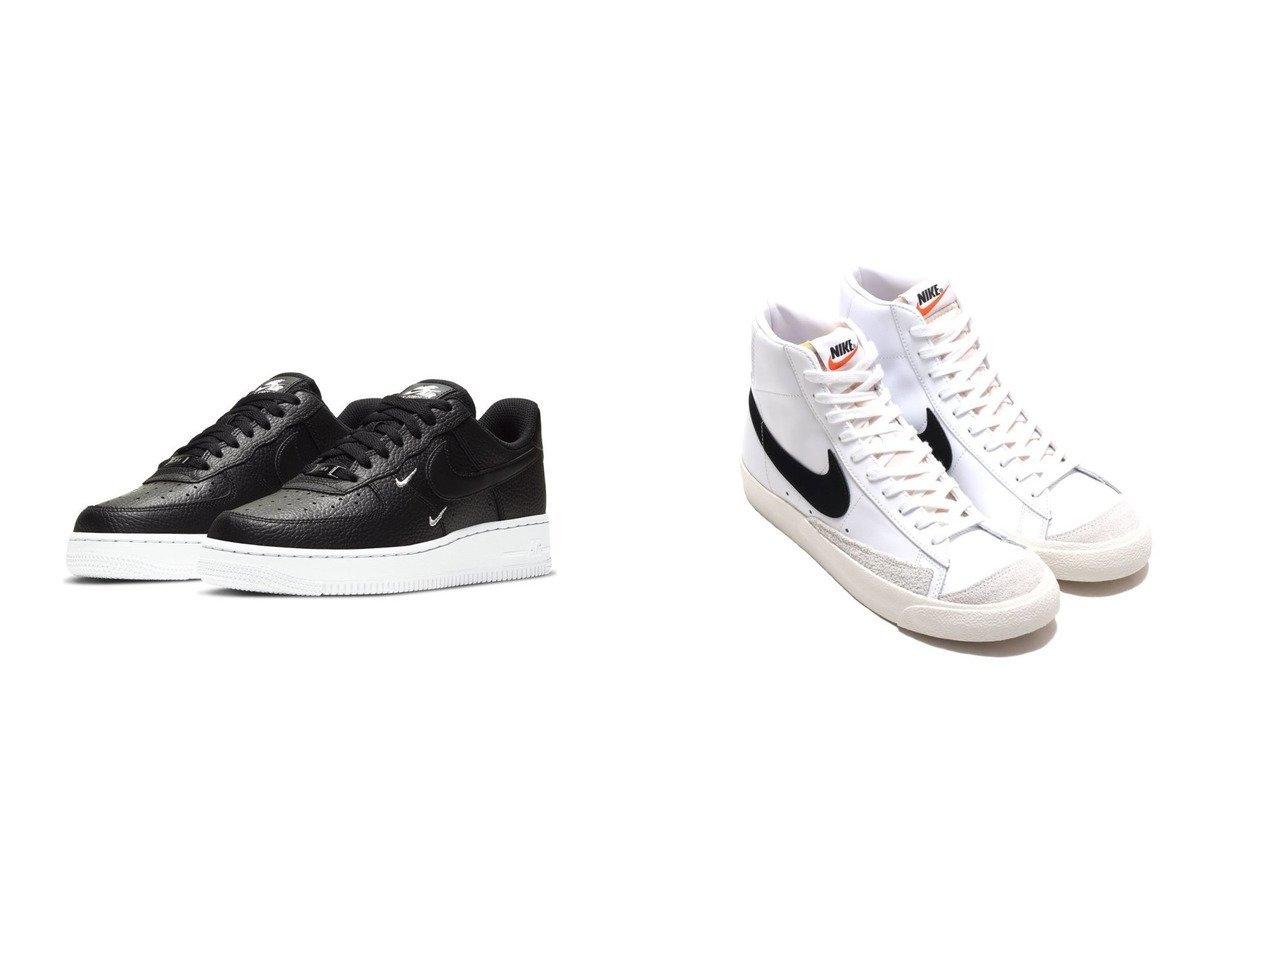 【NIKE/ナイキ】のNIKE BLAZER MID 77 VNTG&【NIKE】ナイキ エア フォース 1 07 エッセンシャル ウィメンズシューズ シューズ・靴のおすすめ!人気、トレンド・レディースファッションの通販 おすすめで人気の流行・トレンド、ファッションの通販商品 メンズファッション・キッズファッション・インテリア・家具・レディースファッション・服の通販 founy(ファニー) https://founy.com/ ファッション Fashion レディースファッション WOMEN シューズ スニーカー スリッポン ビンテージ 人気  ID:crp329100000023337